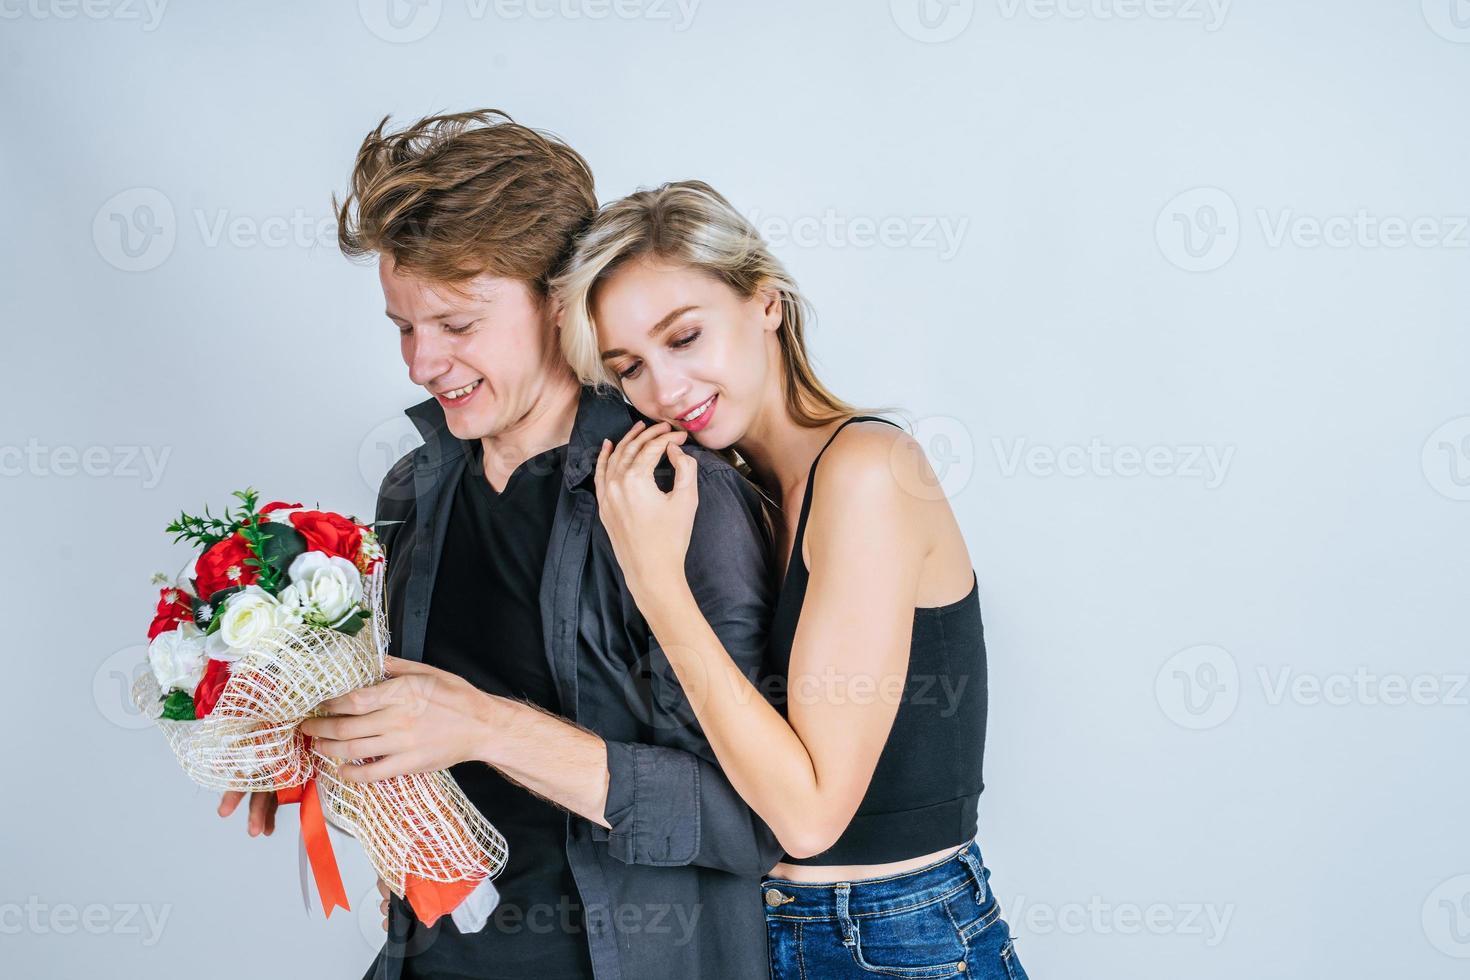 ritratto di felice coppia giovane con fiori in studio foto